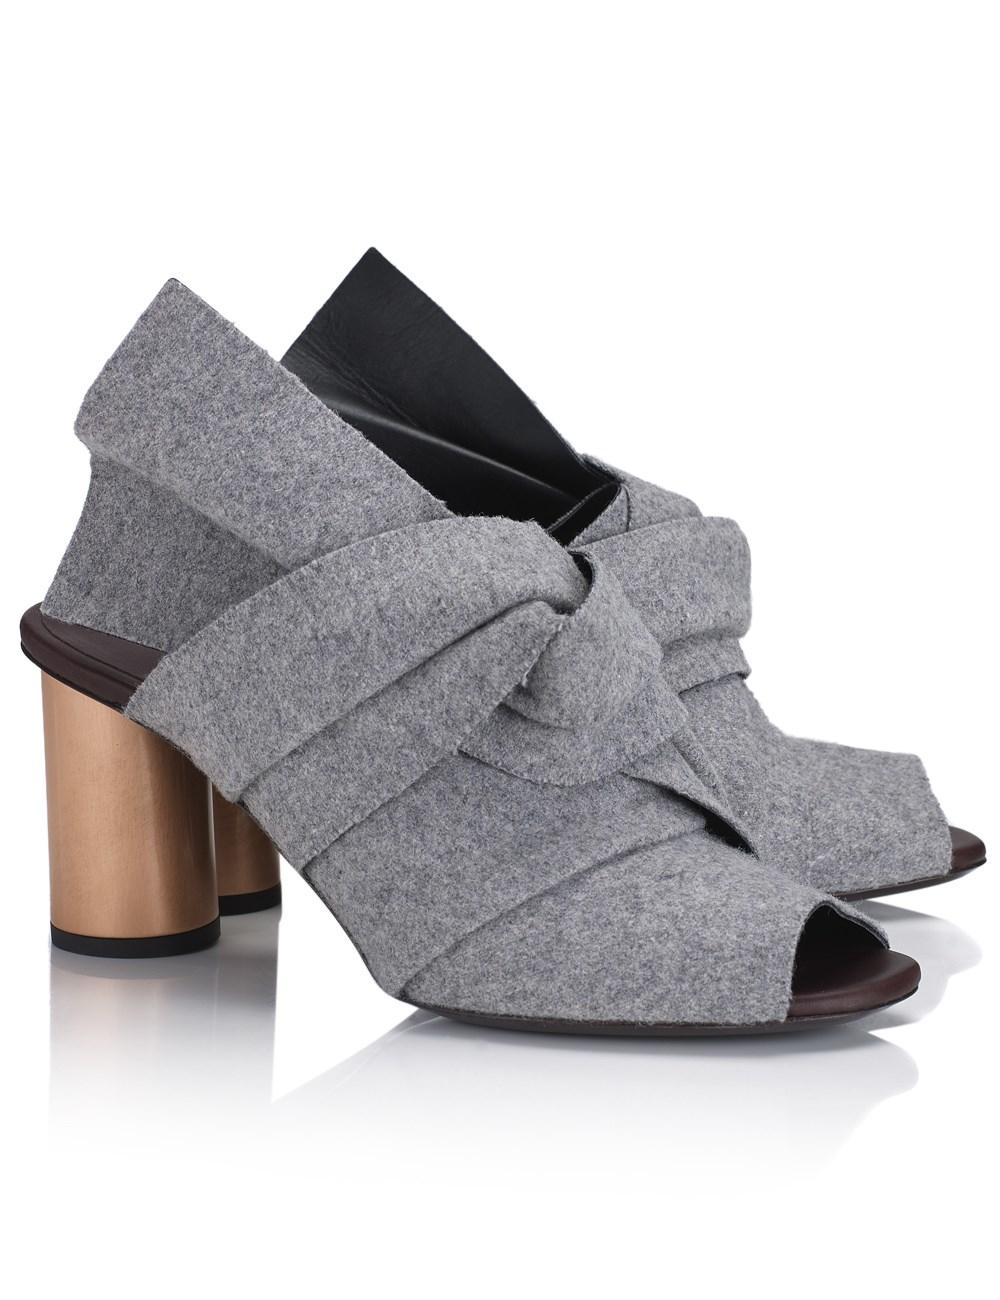 Proenza Schouler White Shoes